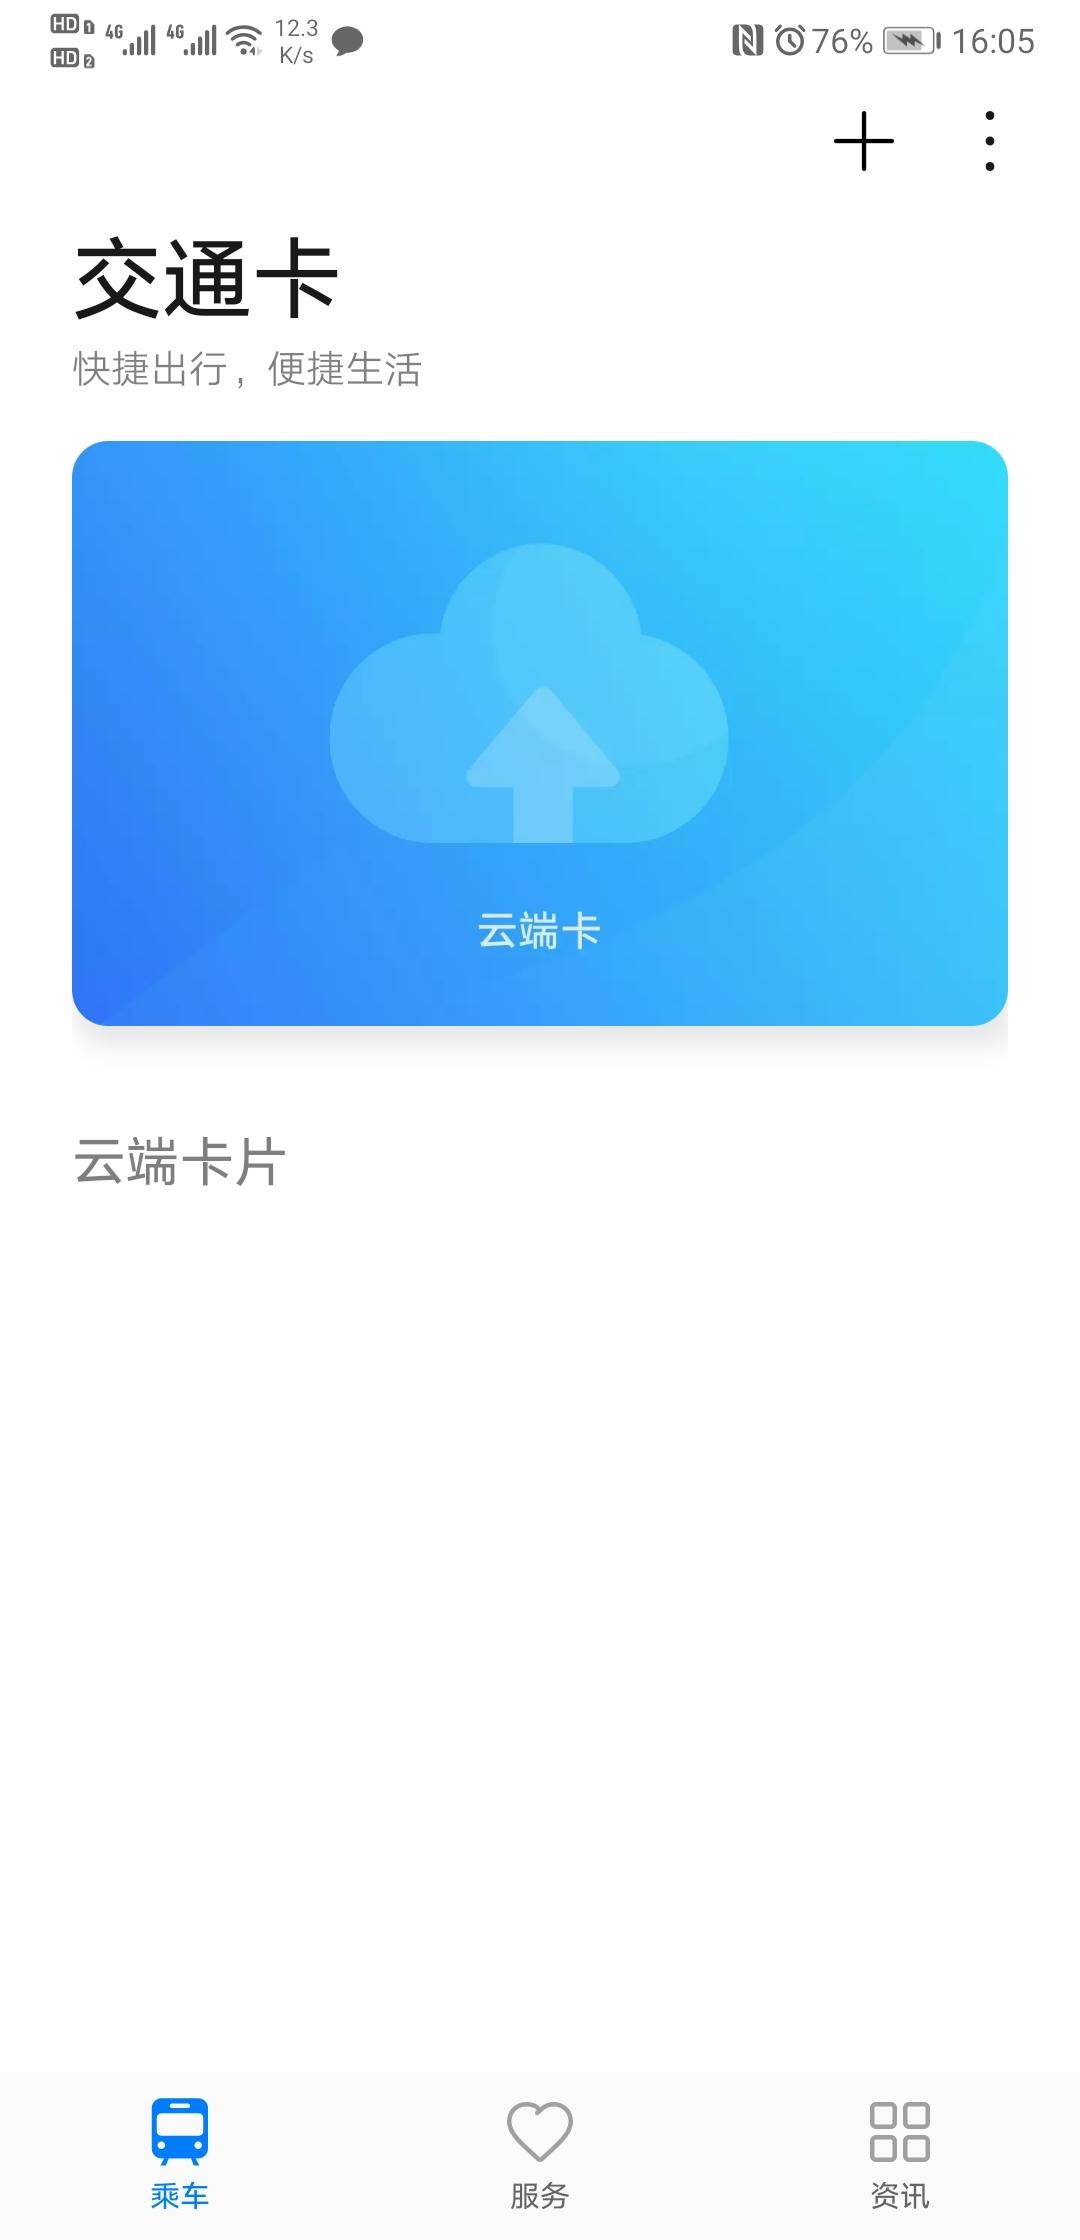 Screenshot_20200506_160519_com.huawei.wallet.jpg